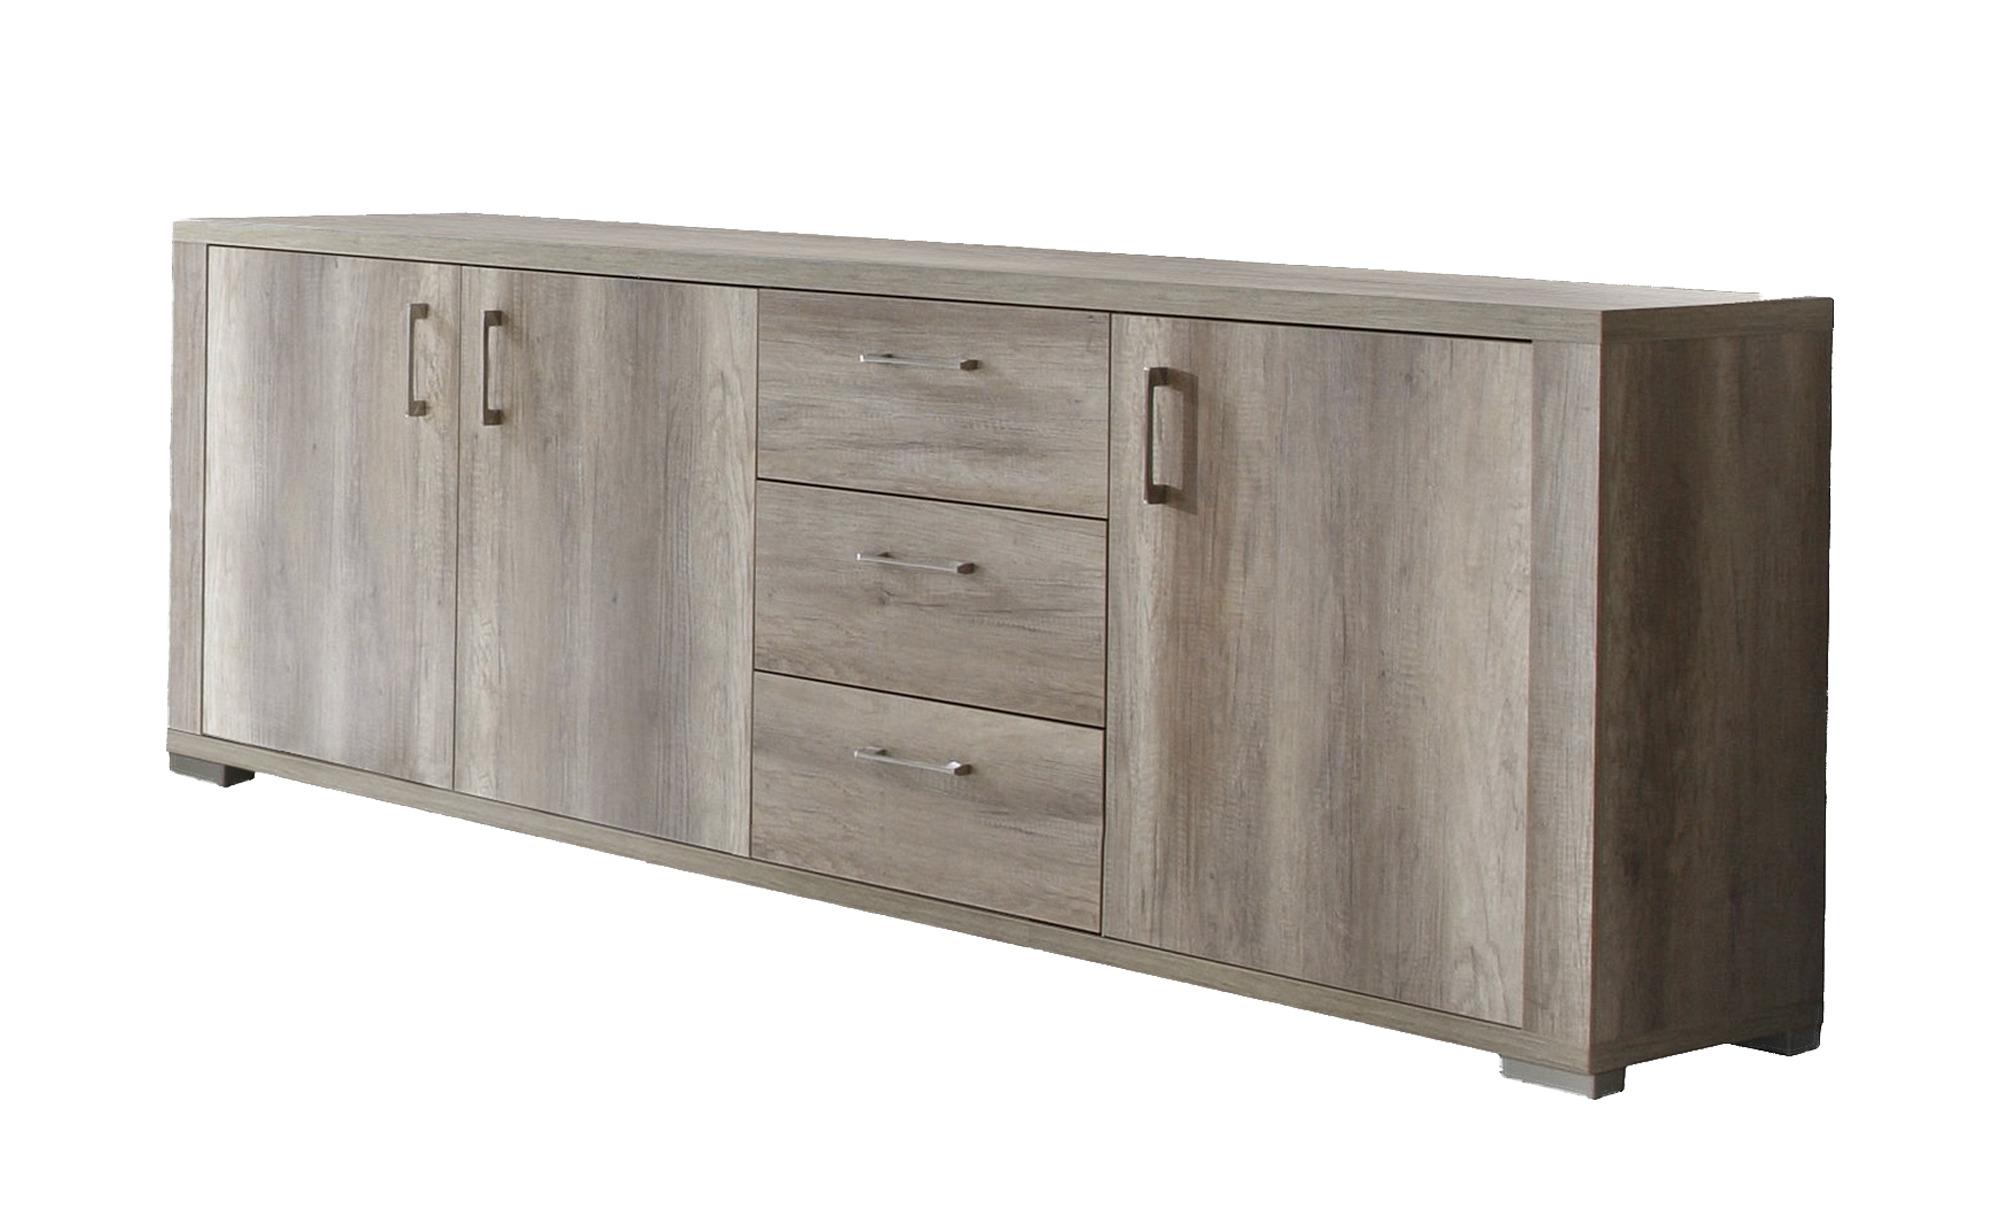 Sideboard Wohnzimmer ~ Sideboard bosco jetzt bestellen unter moebel ladendirekt